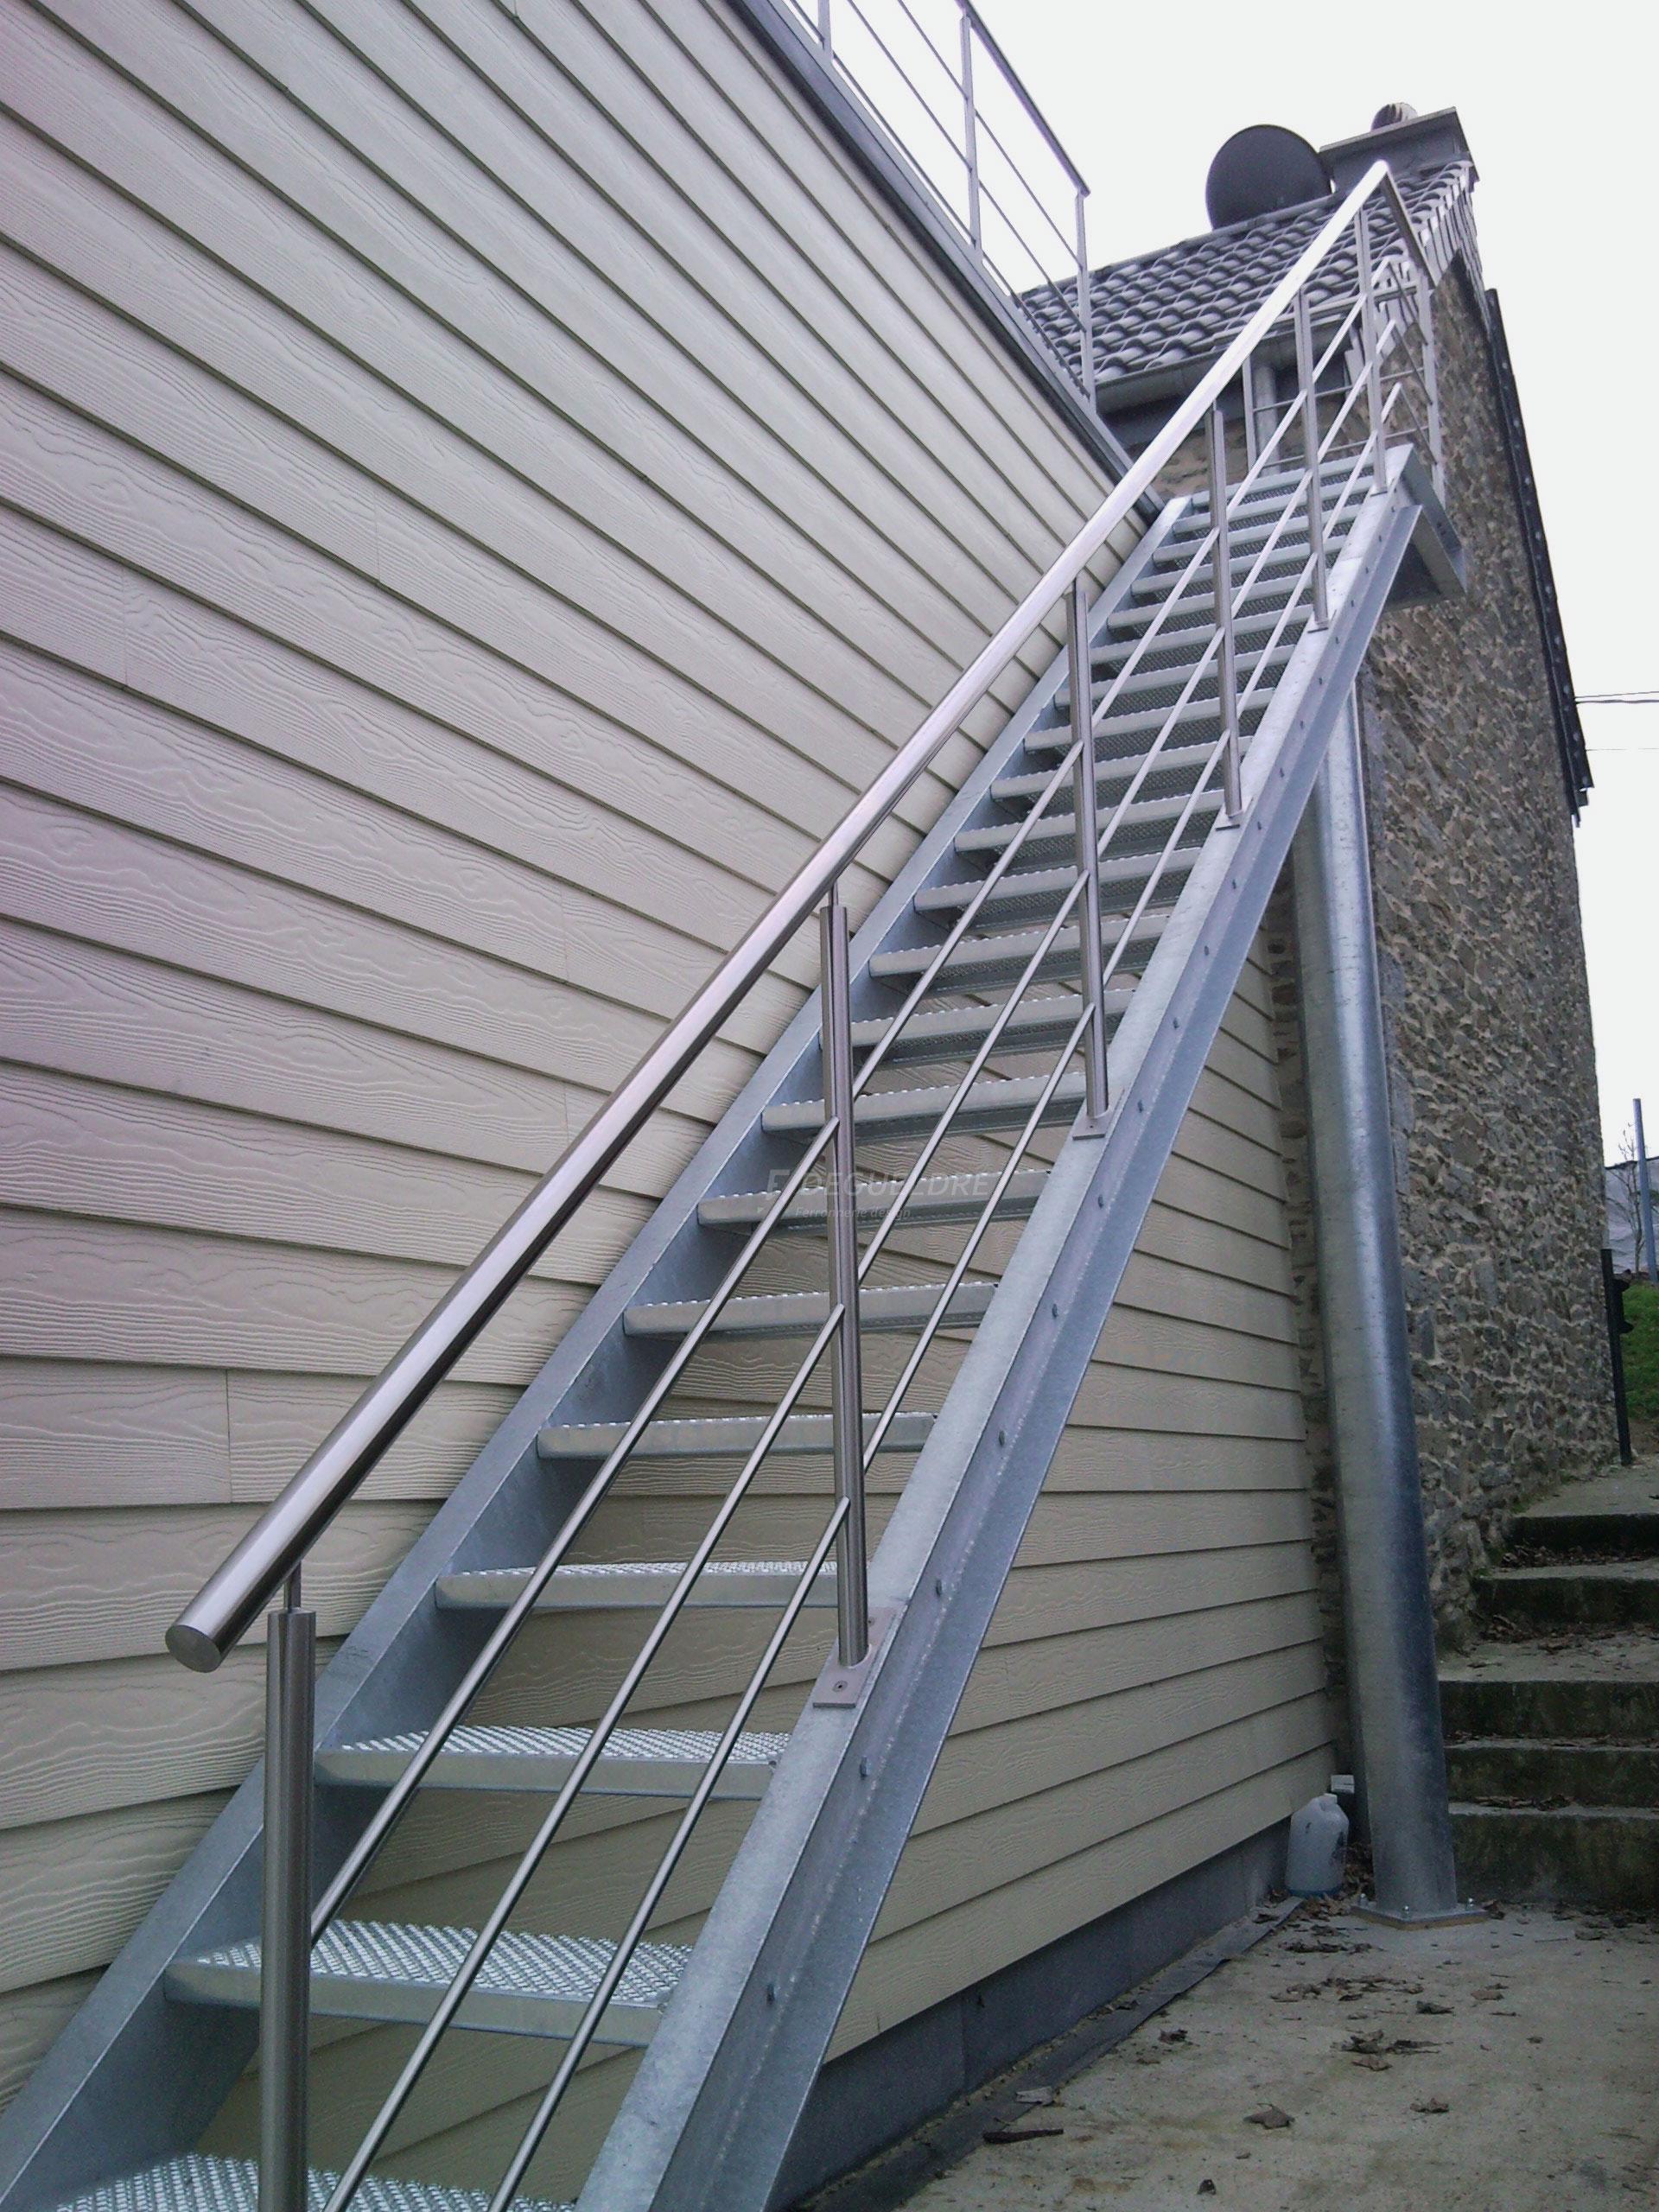 Escalier metallique exterieur degueldre ferronnerie d 39 art for Escalier metallique exterieur prefabrique